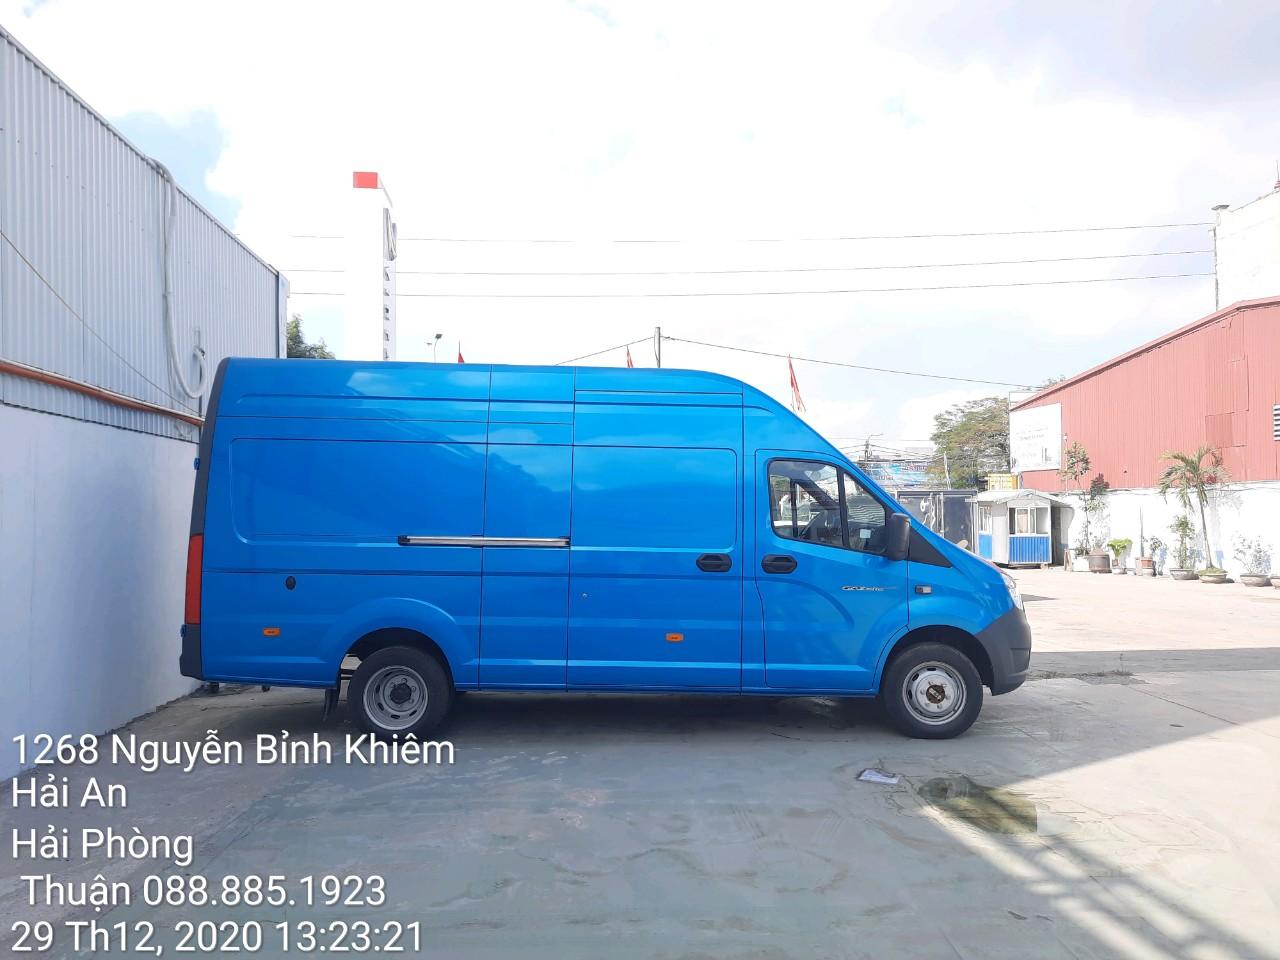 Ngoại quan xe tải Gaz Van 3 chỗ tại Quảng Ninh